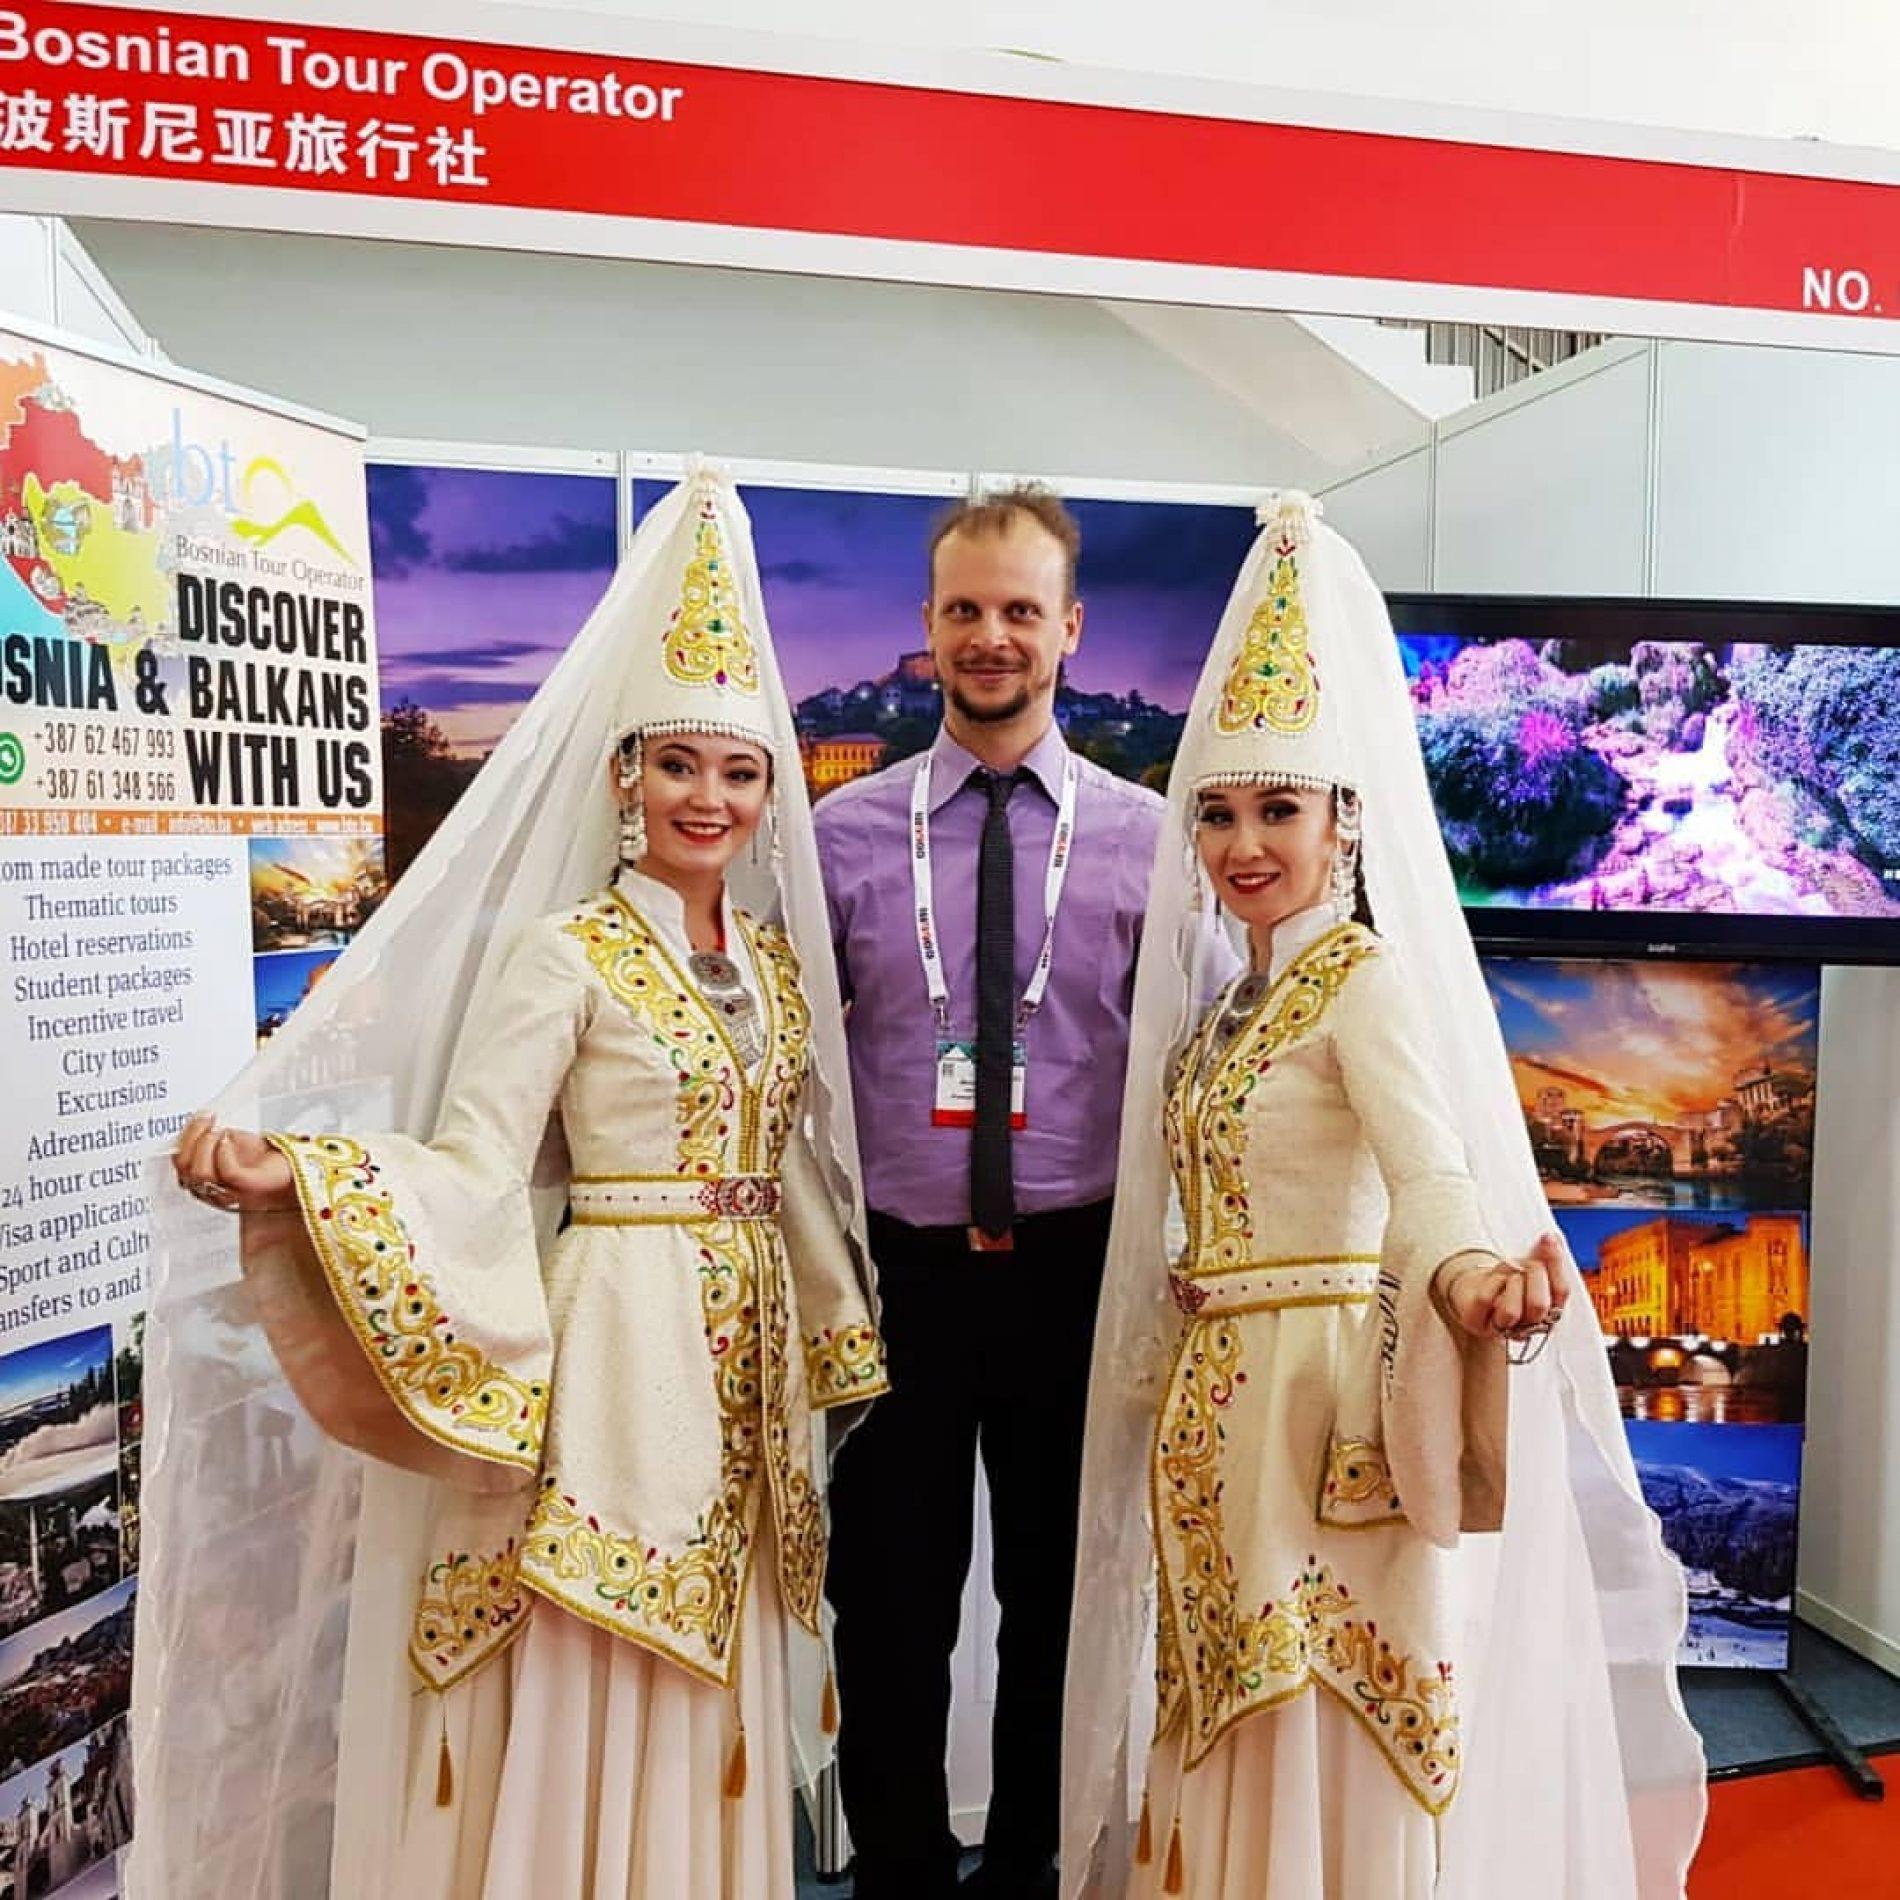 Turistička ponuda naše zemlje predstavljena na sajmu u Pekingu